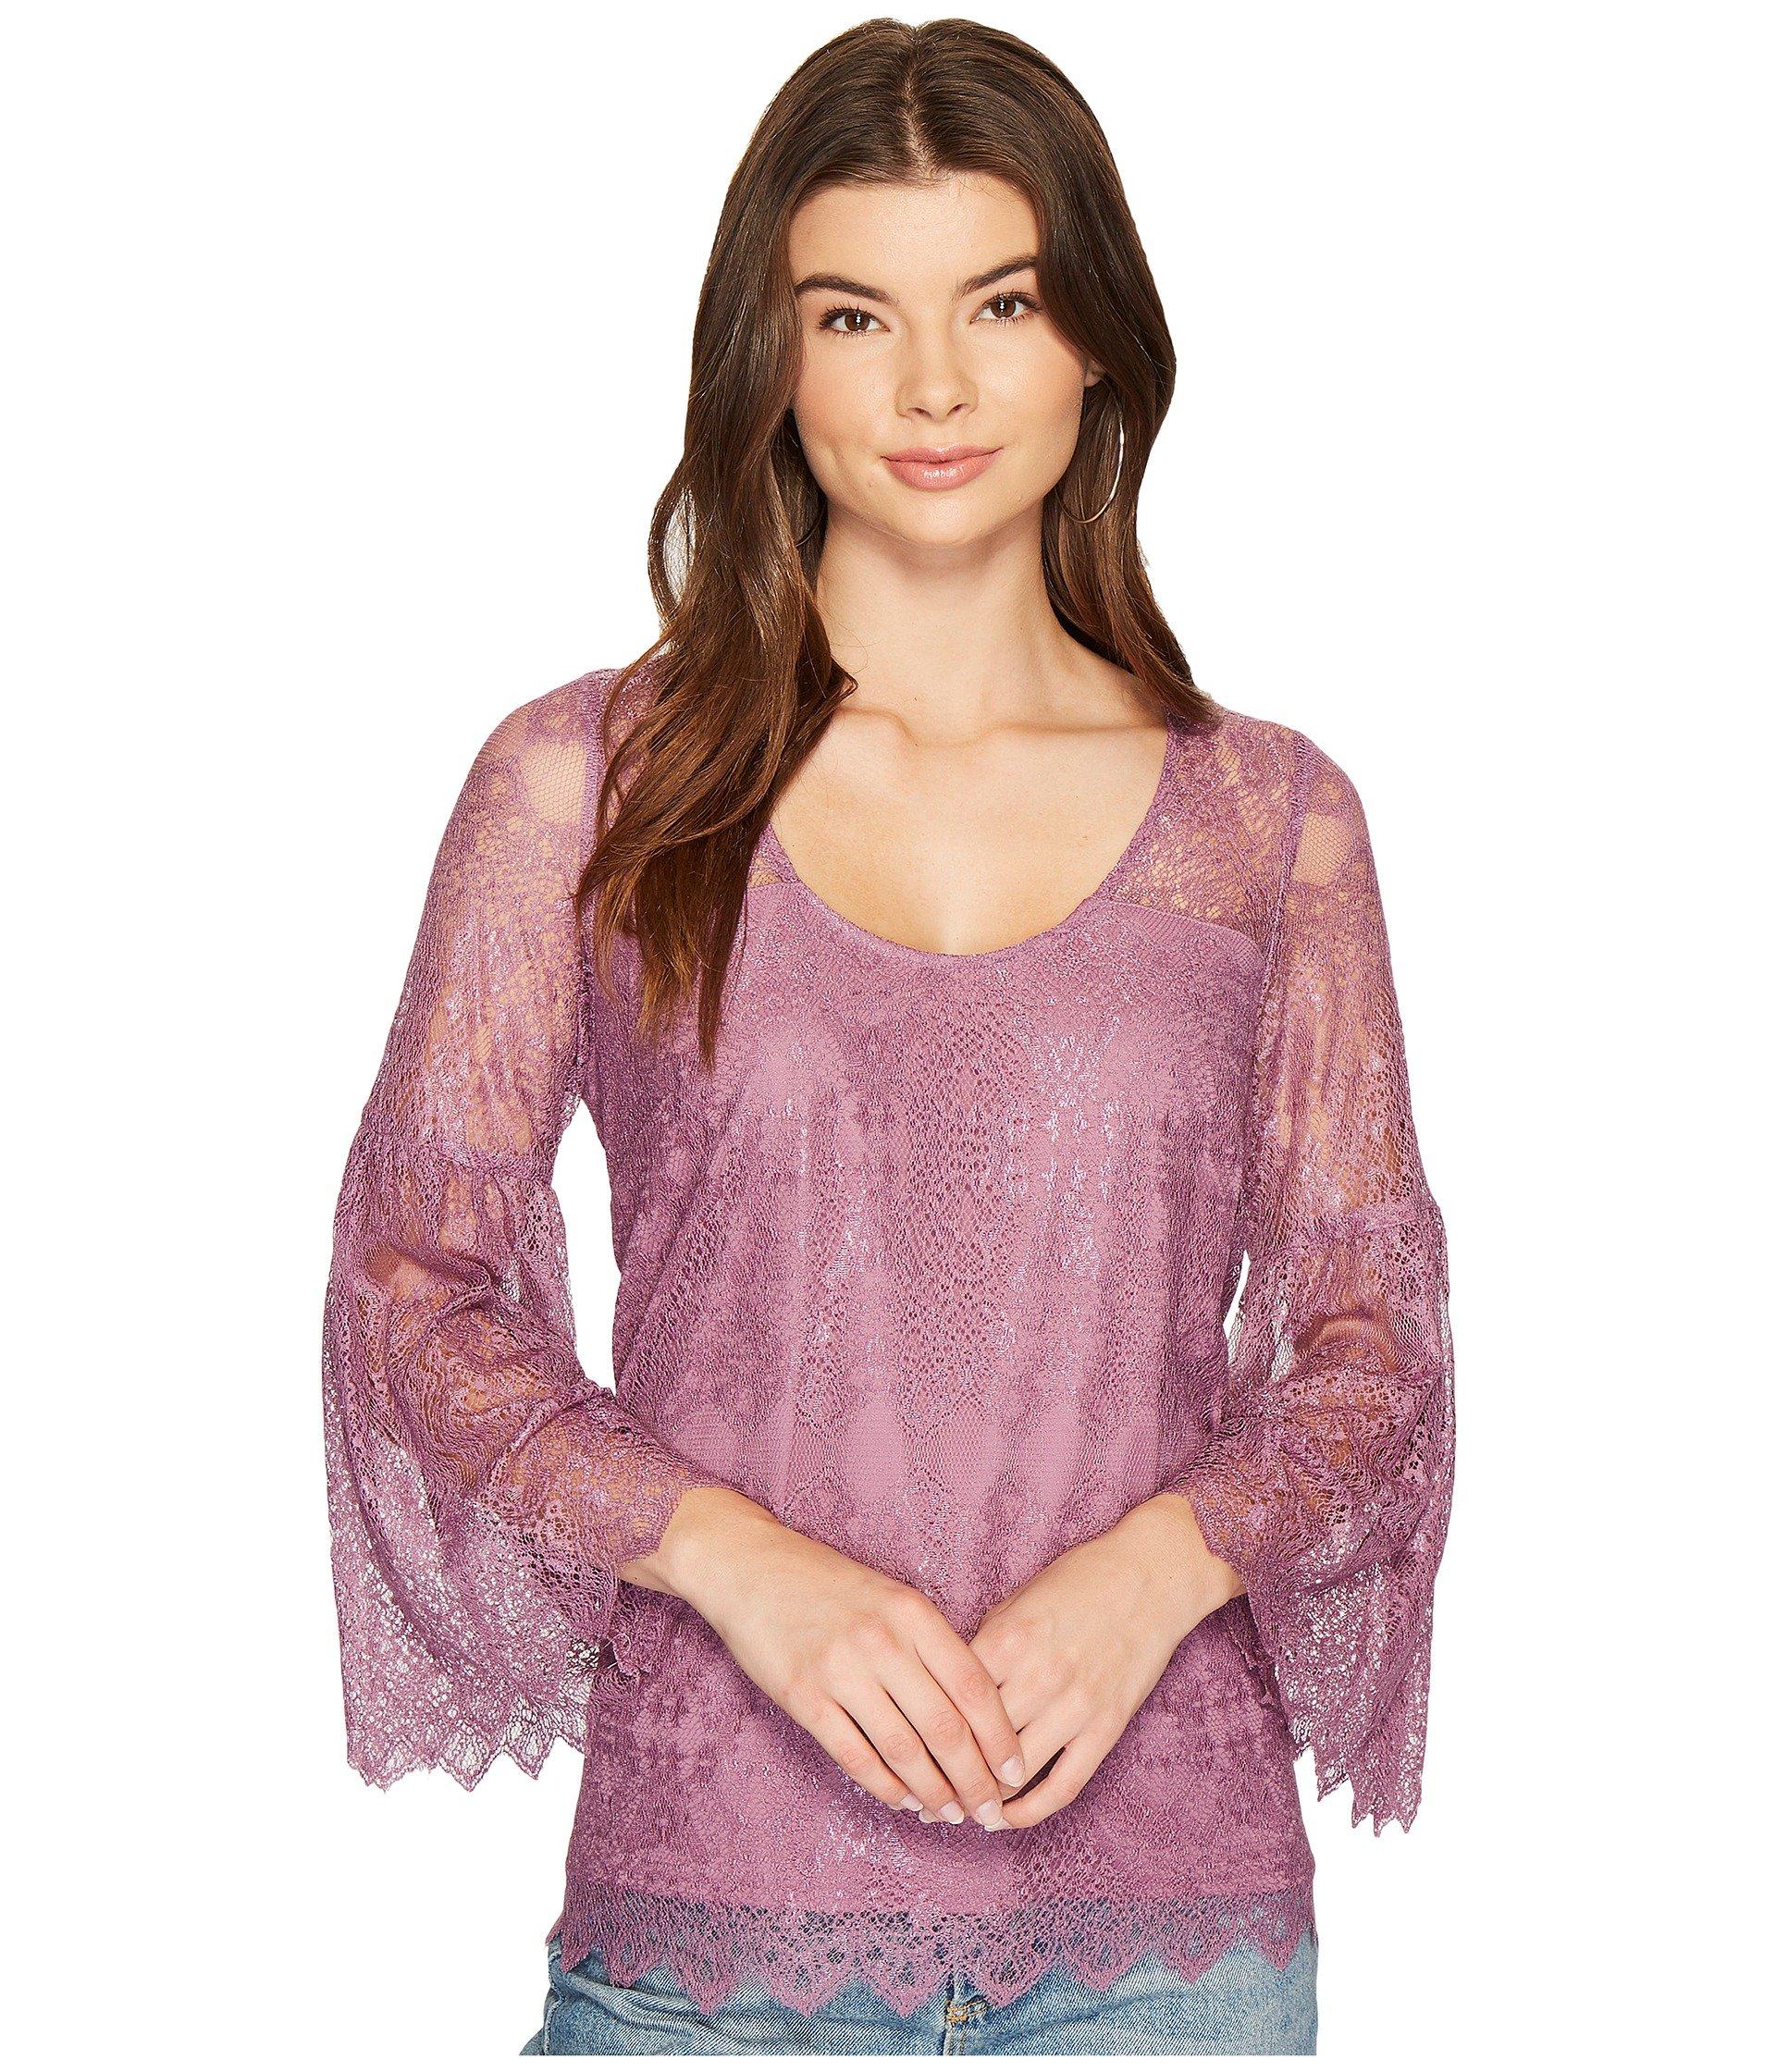 Blusa para Mujer kensie Dainty Lace Top KS9K4315  + kensie en VeoyCompro.net